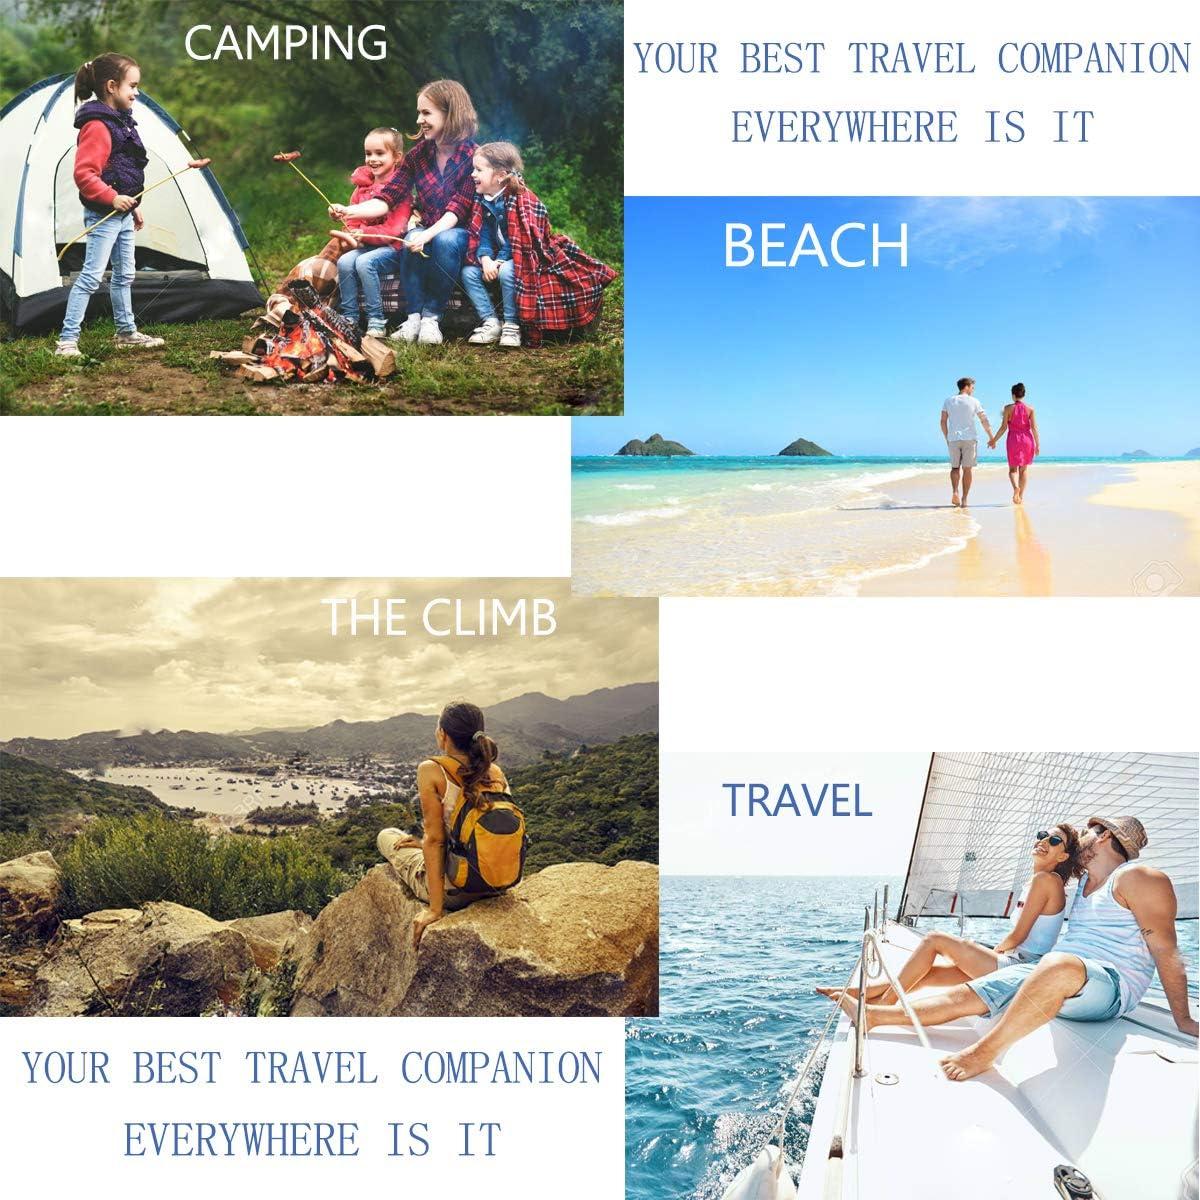 Esterilla Camping Ultraligera Colchon Acampada Dise/ño /único de Hebilla y Compresi/ón Inflado r/ápido para Viajes Senderismo Camping Playa Esterillas Inflable